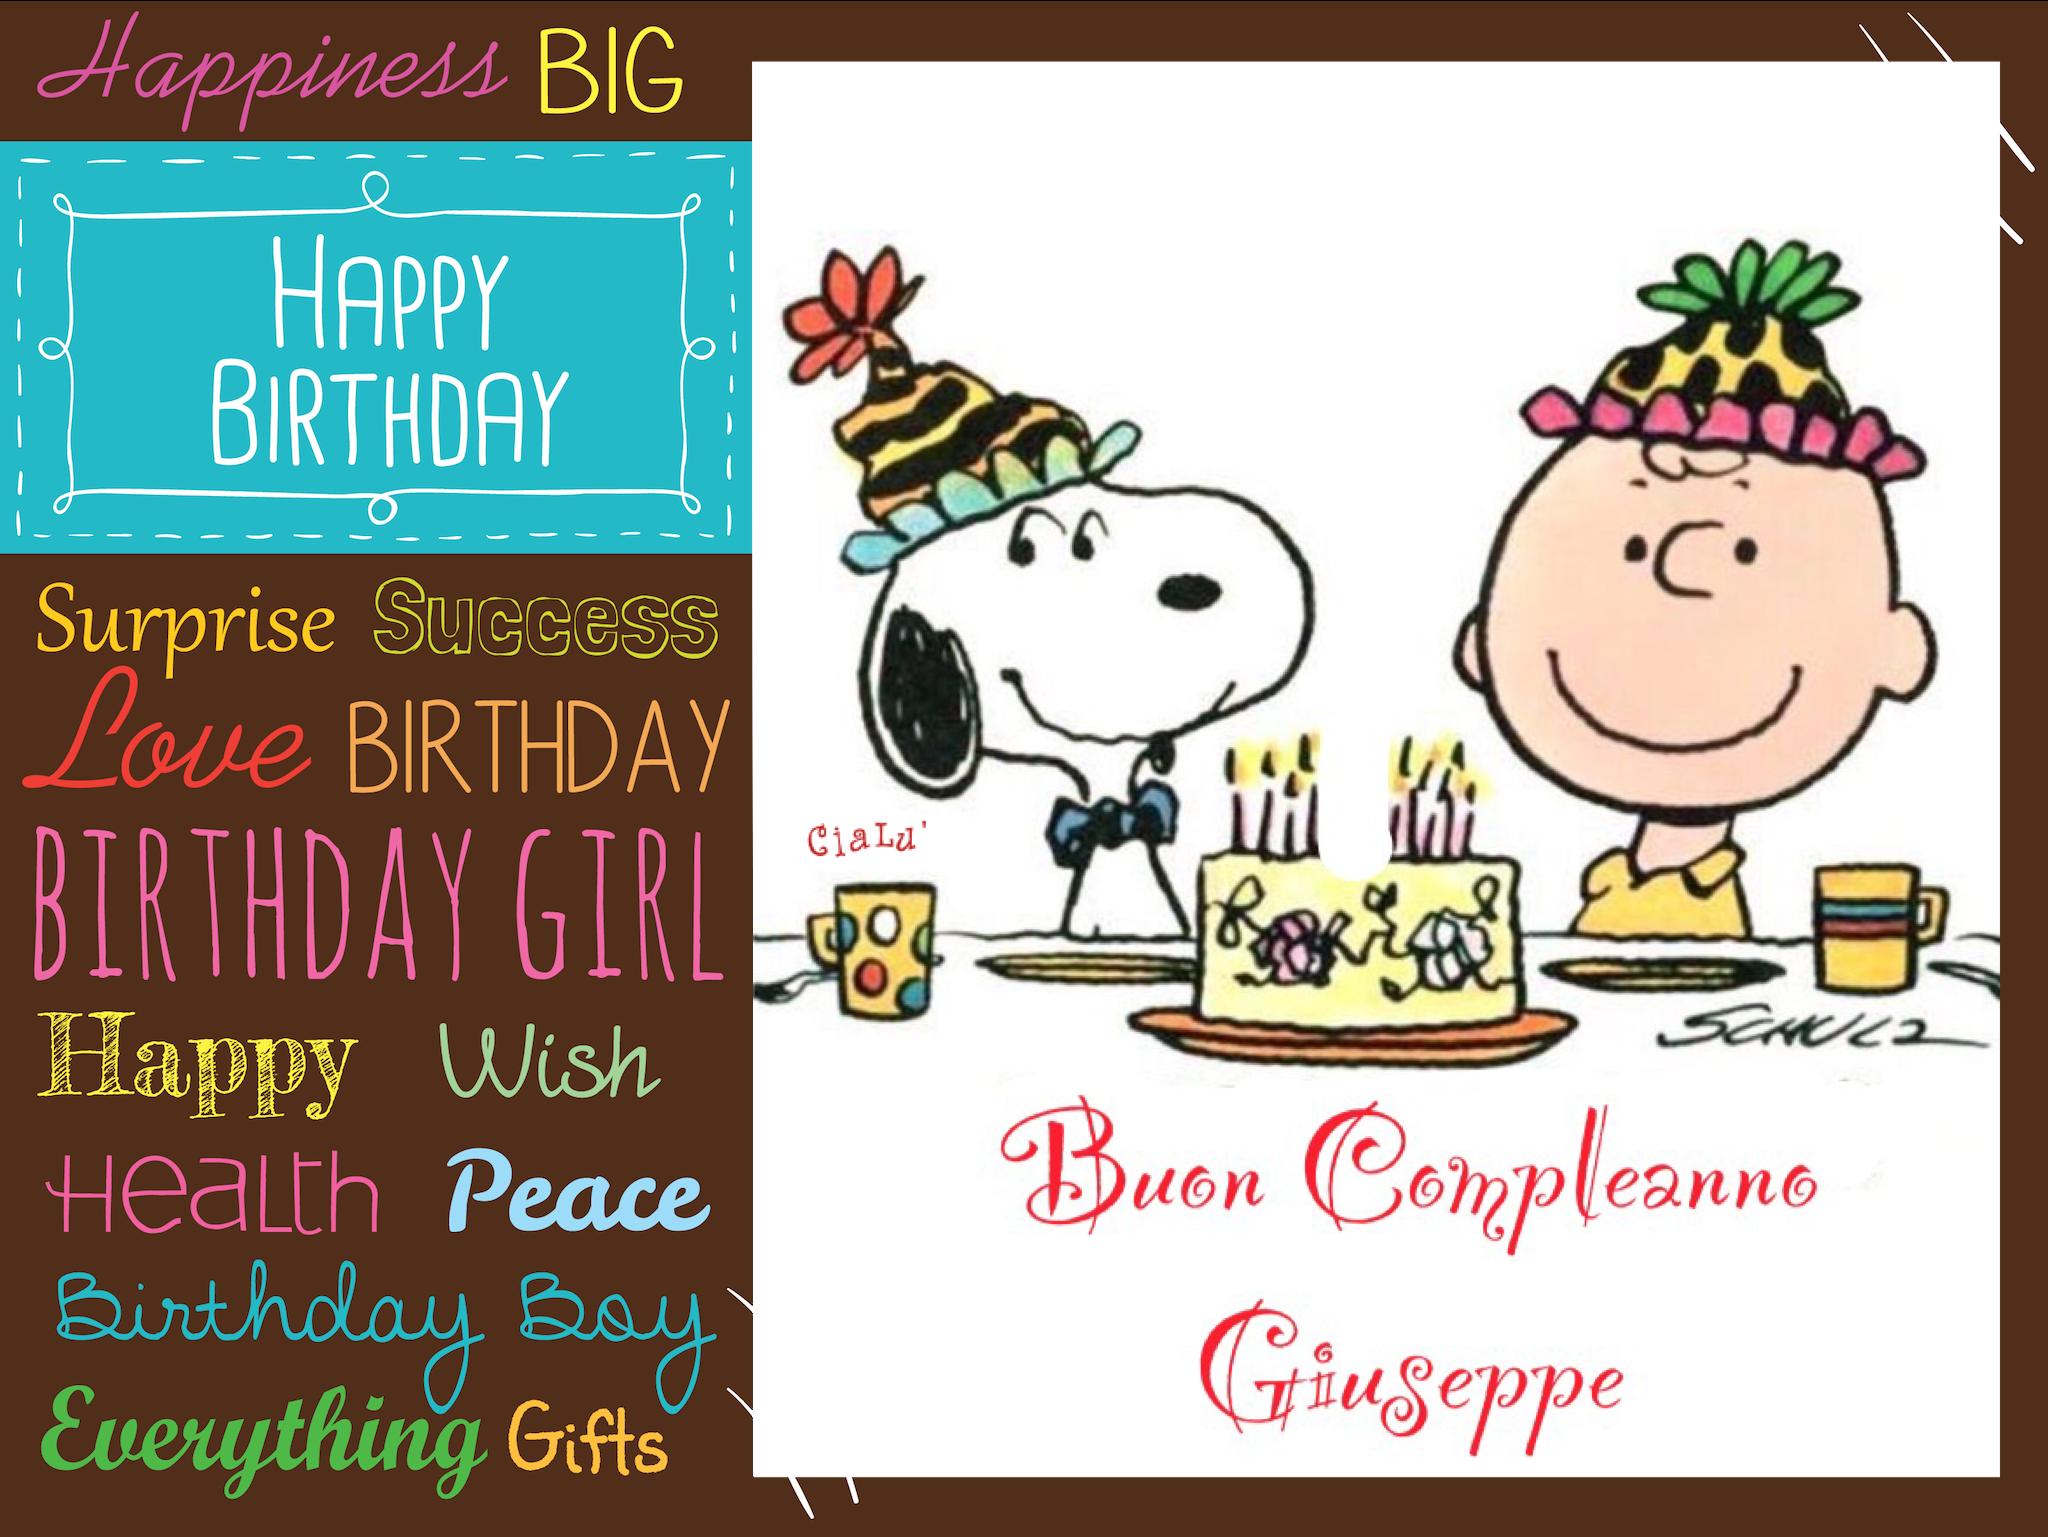 Compleanno Giuseppe | Compleanni Onomastici e Anniversari